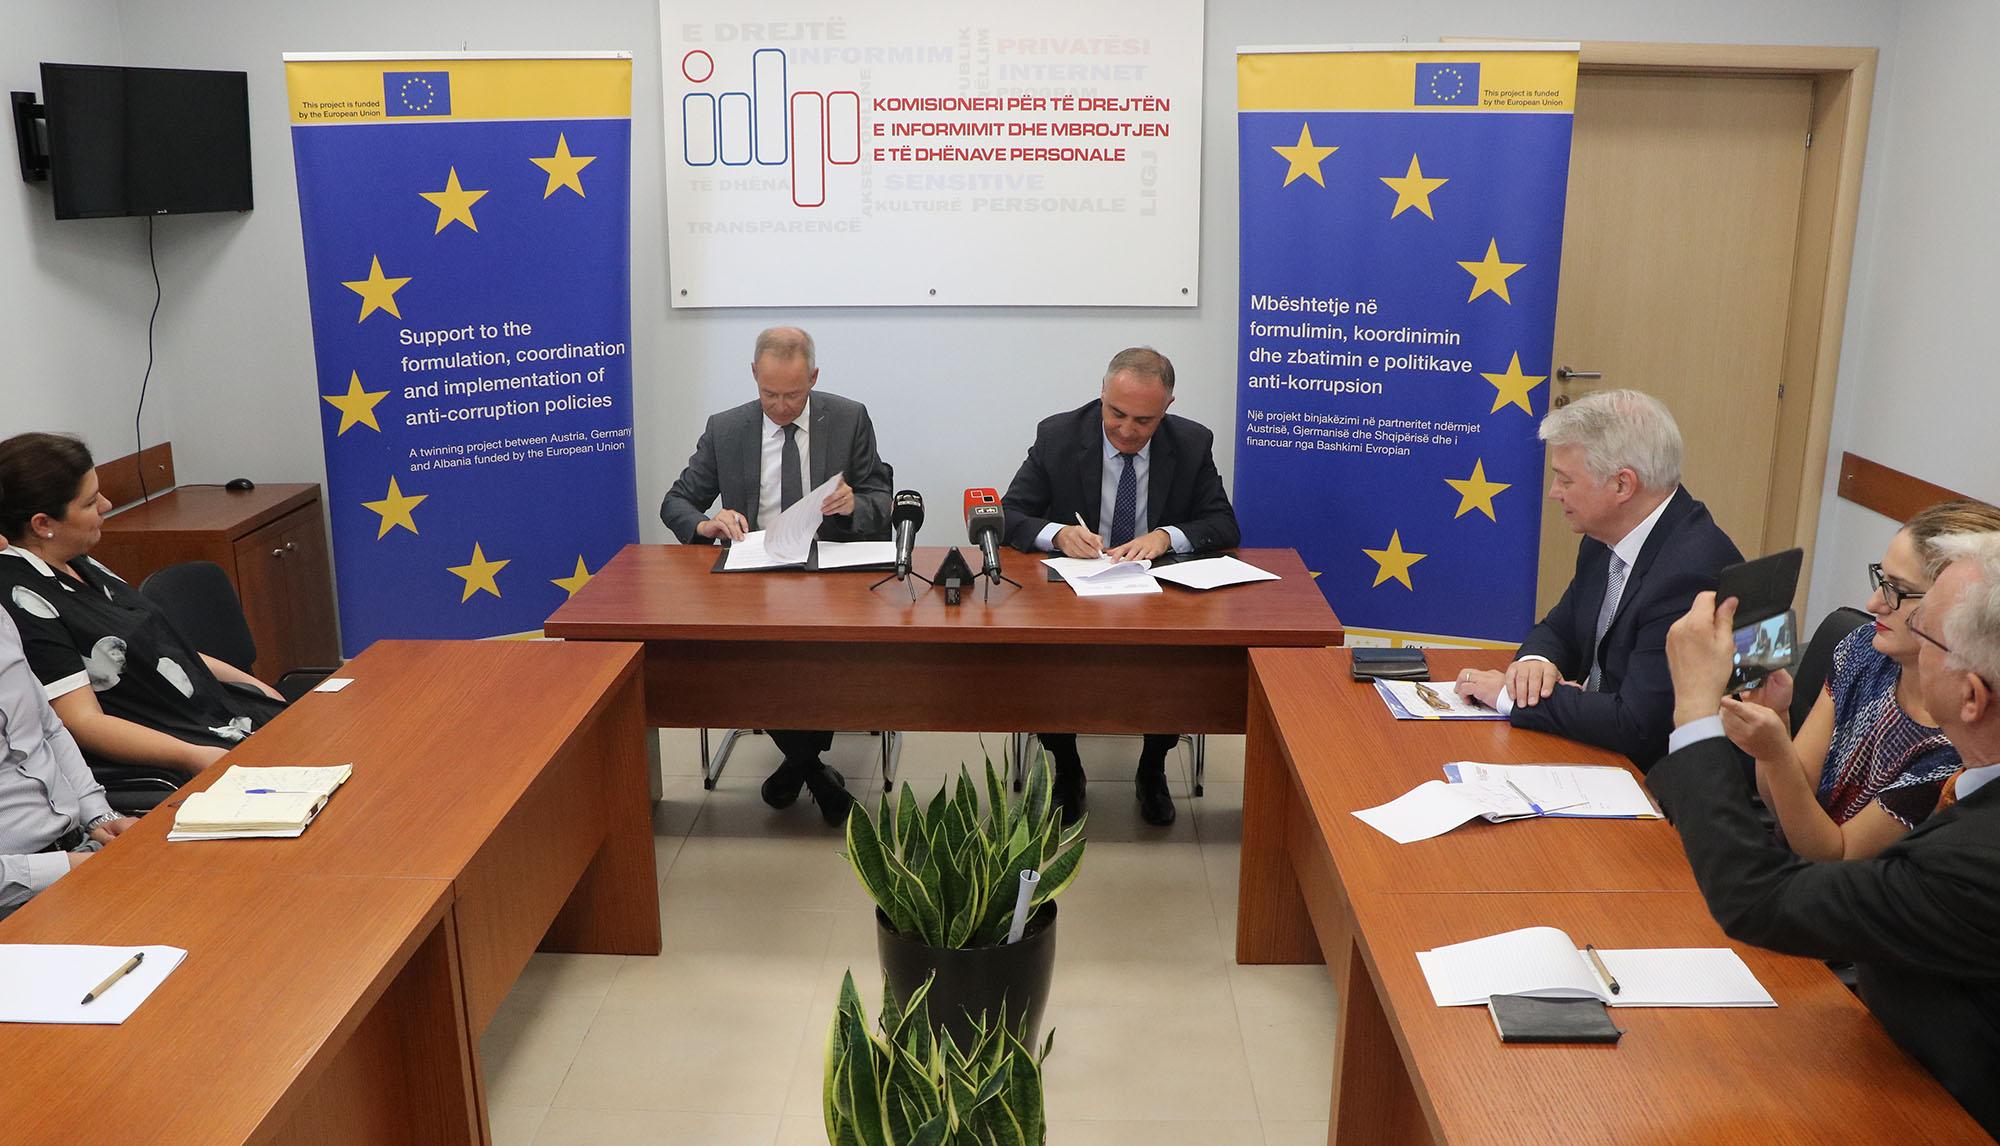 Marrëveshje bashkëpunimi me Autoritetin homolog të Landit gjerman  Baden-Württemberg